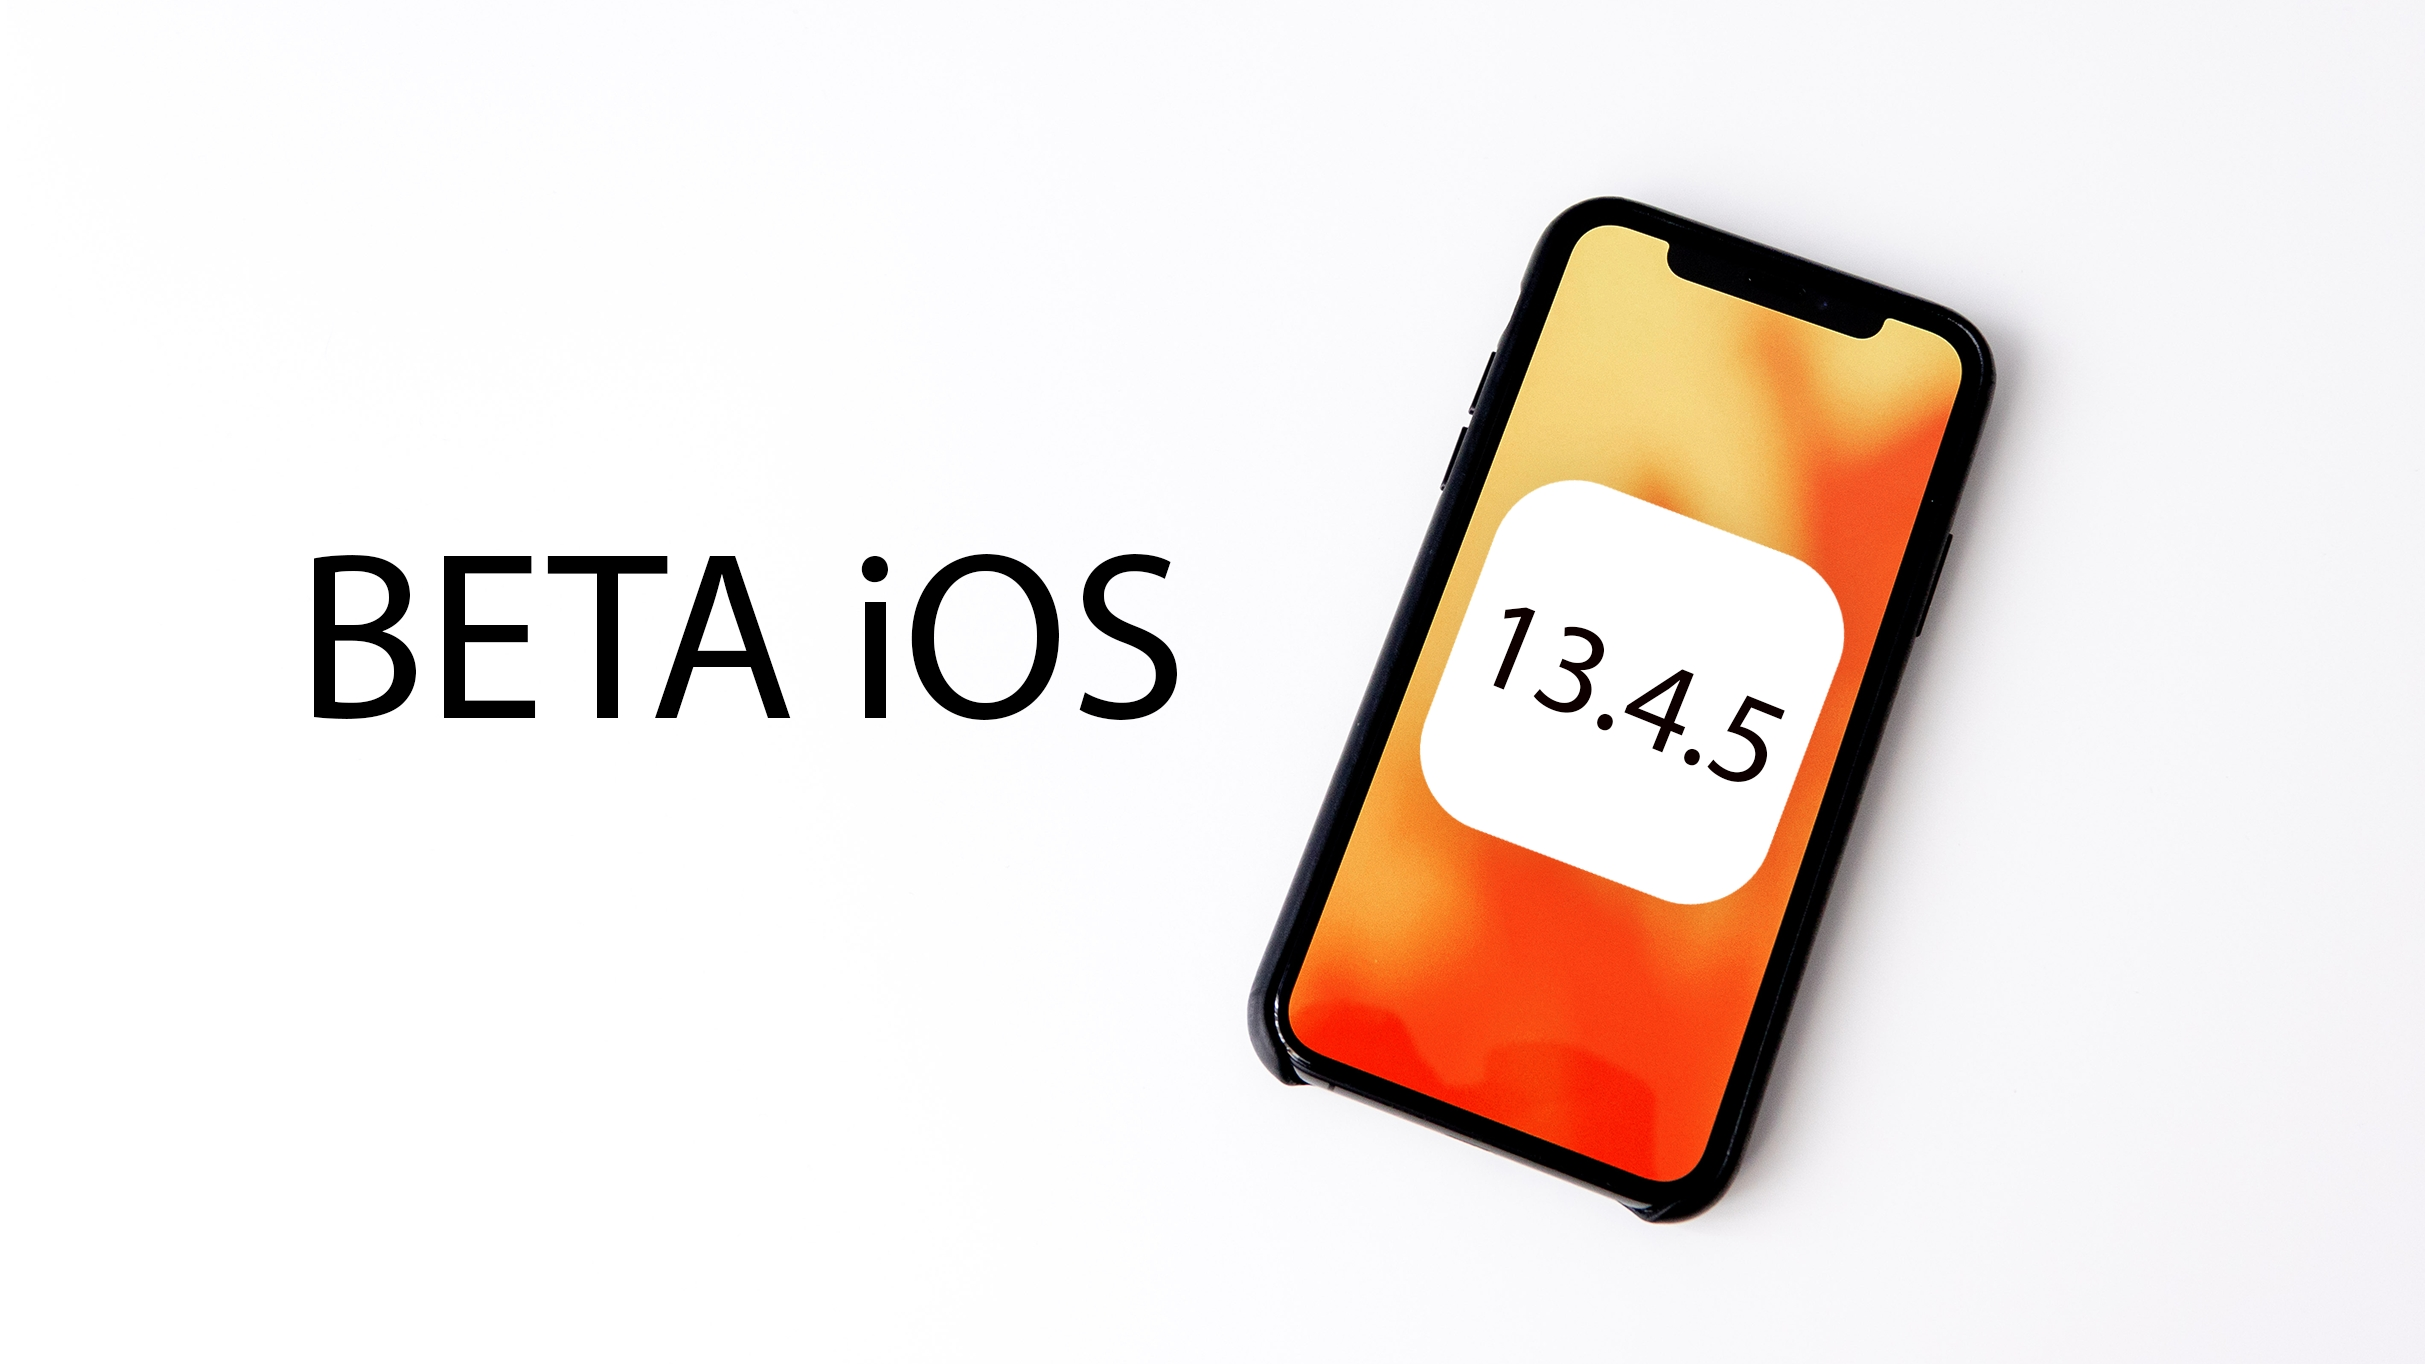 Apple vydal první betu iOS 13.4.5